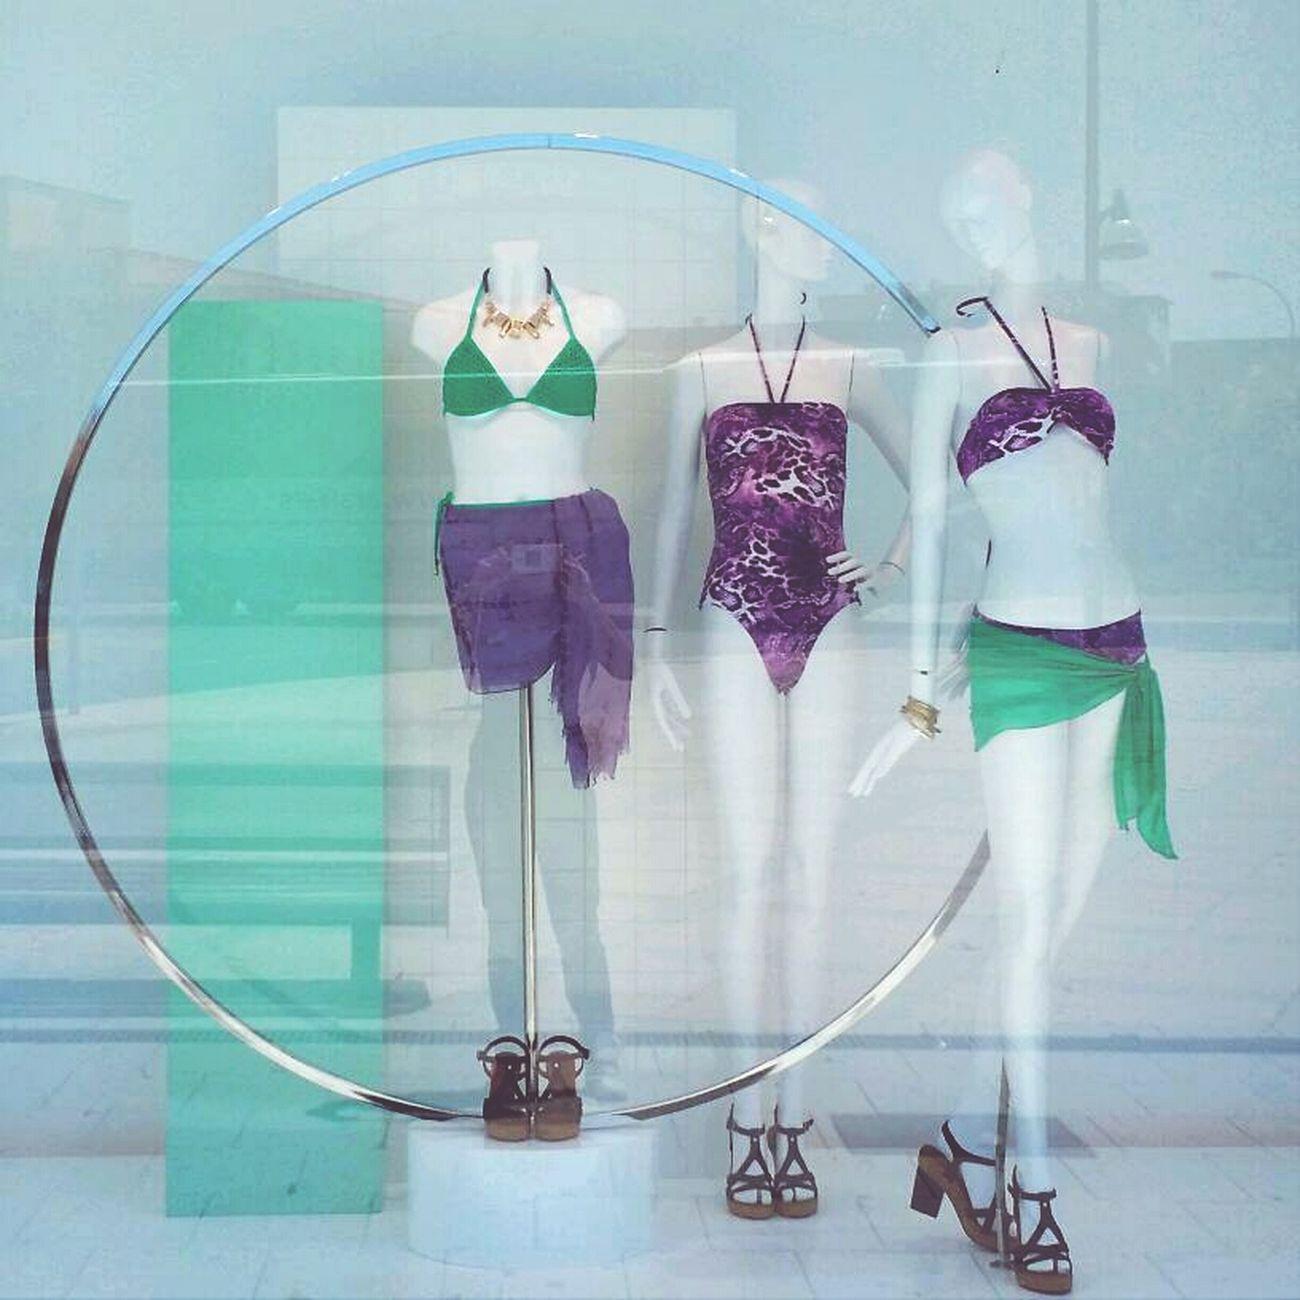 Window Escaparate Moda Tendencias #mujer #baño #verano #énfasis